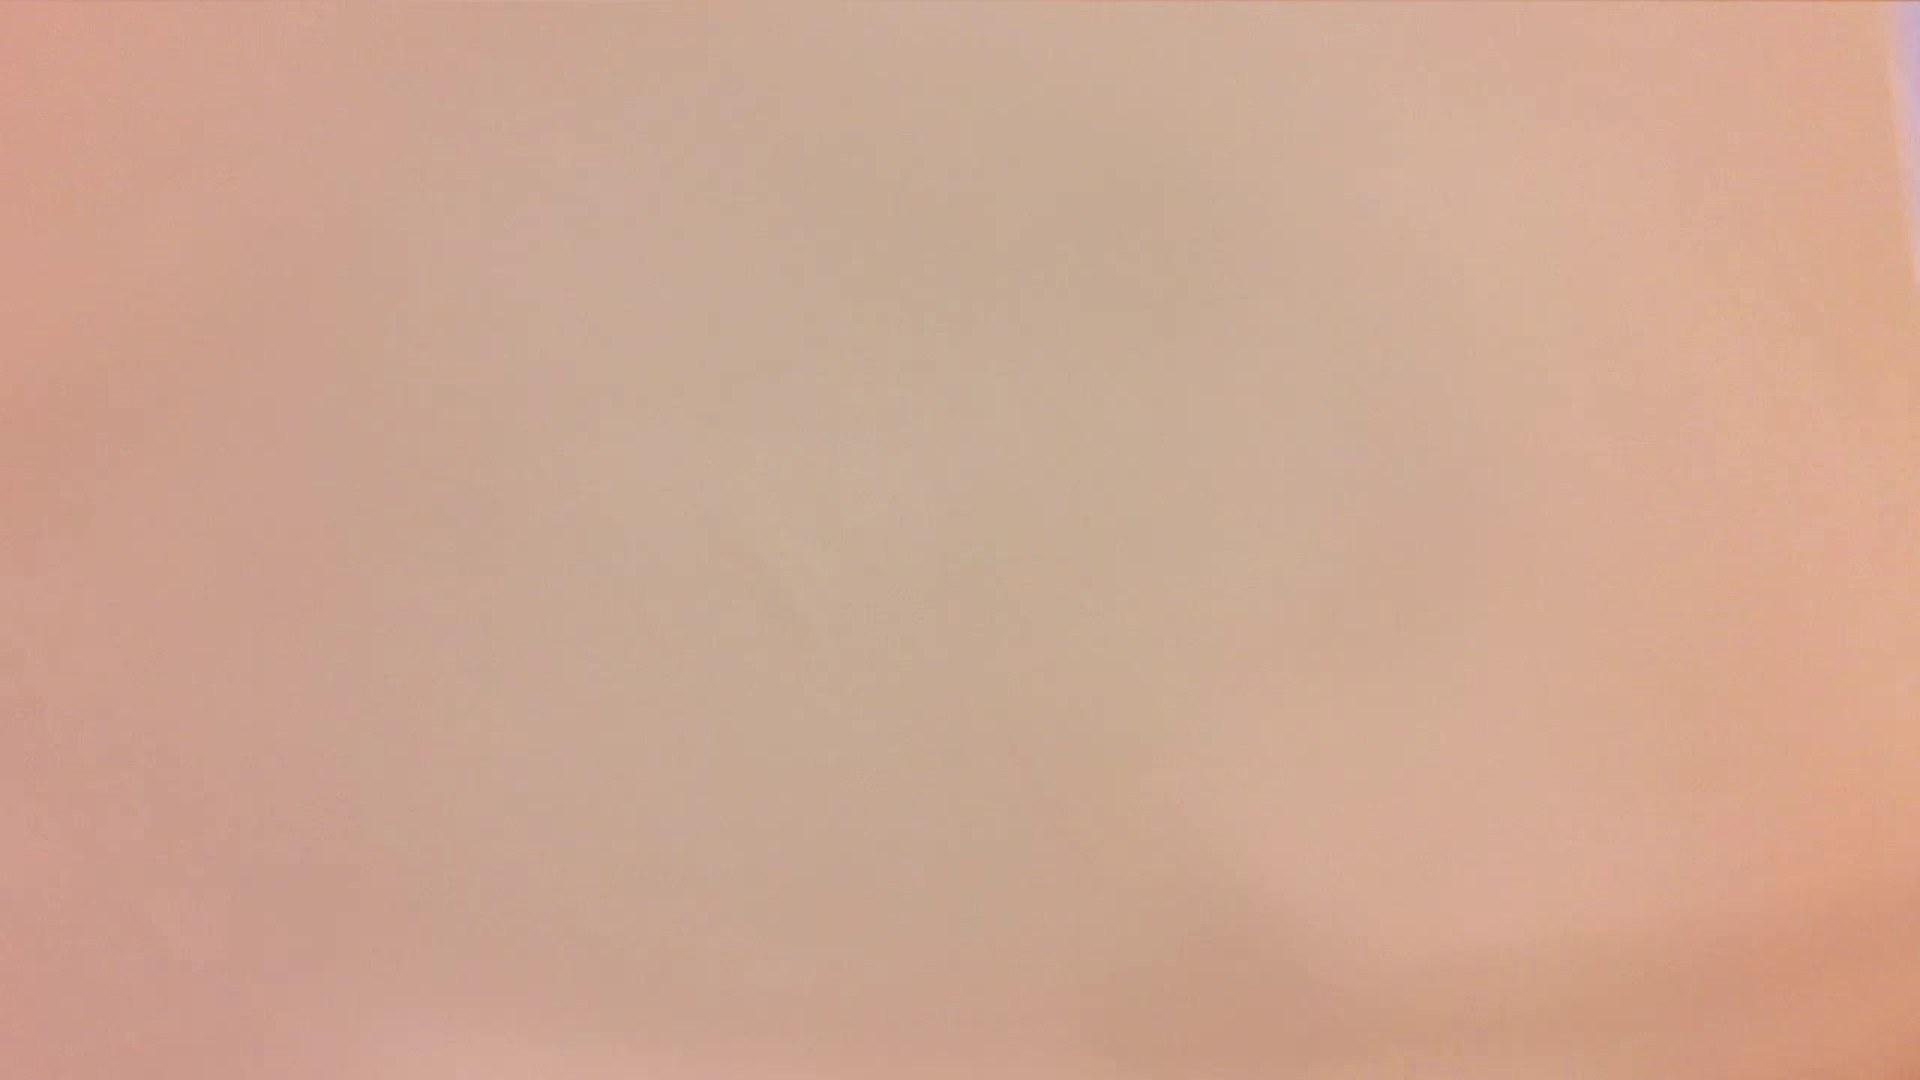 可愛いカリスマ店員限定‼胸チラ&パンチラ vol.04 美しいOLの裸体 隠し撮りオマンコ動画紹介 82pic 67